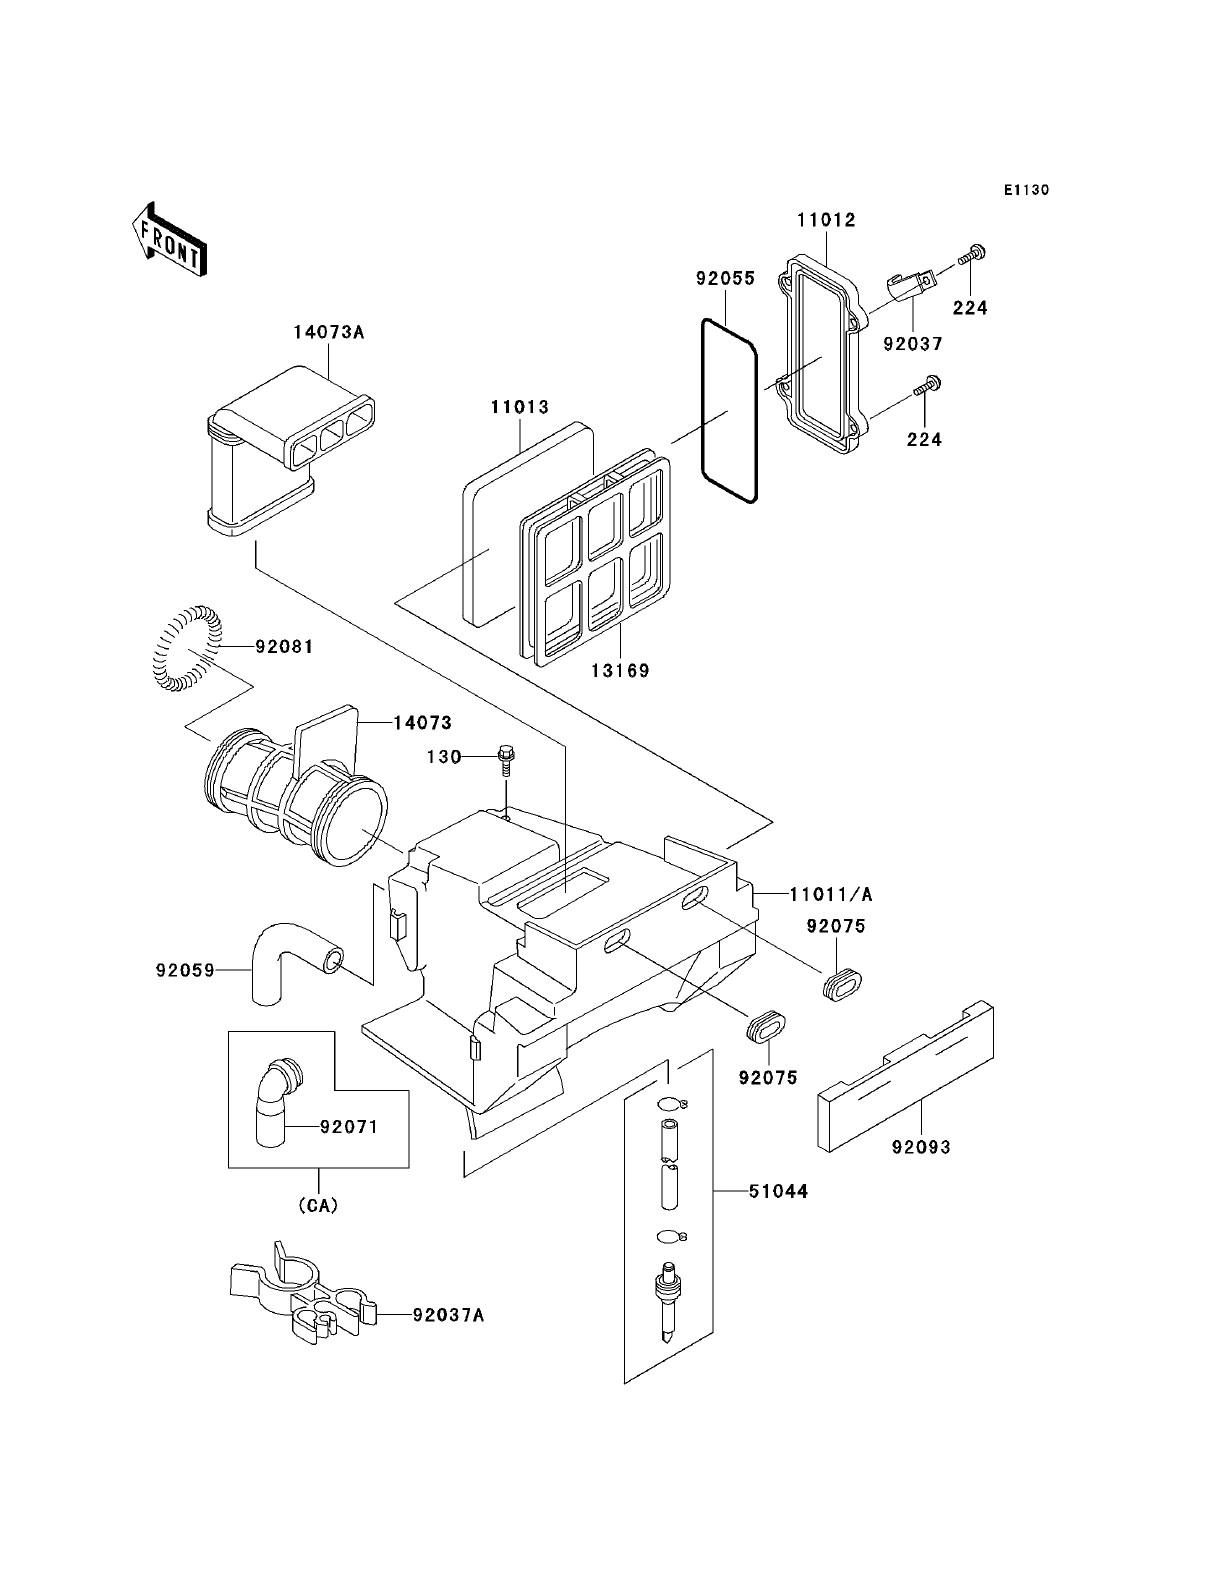 Air Brake Parts Diagram Kawasaki Klr250 Kawasaki Klr250 Parts Diagrams Of Air Brake Parts Diagram